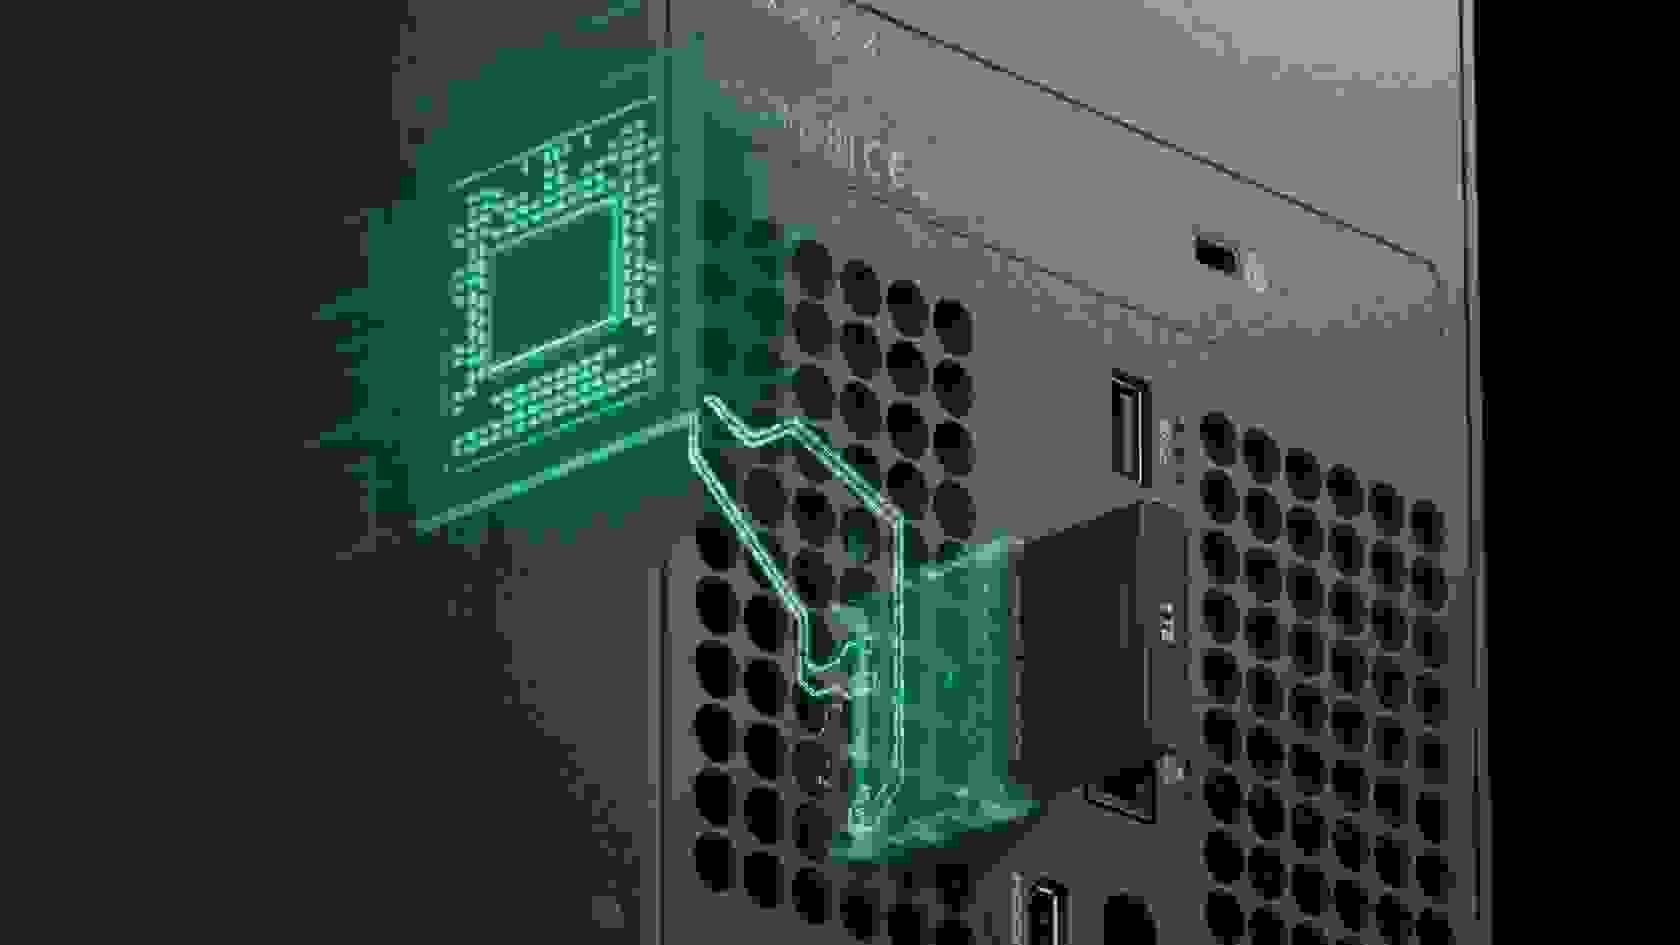 التخزين المباشر (DirectStorage) - مصدر الصورة إكس بوكس Xbox